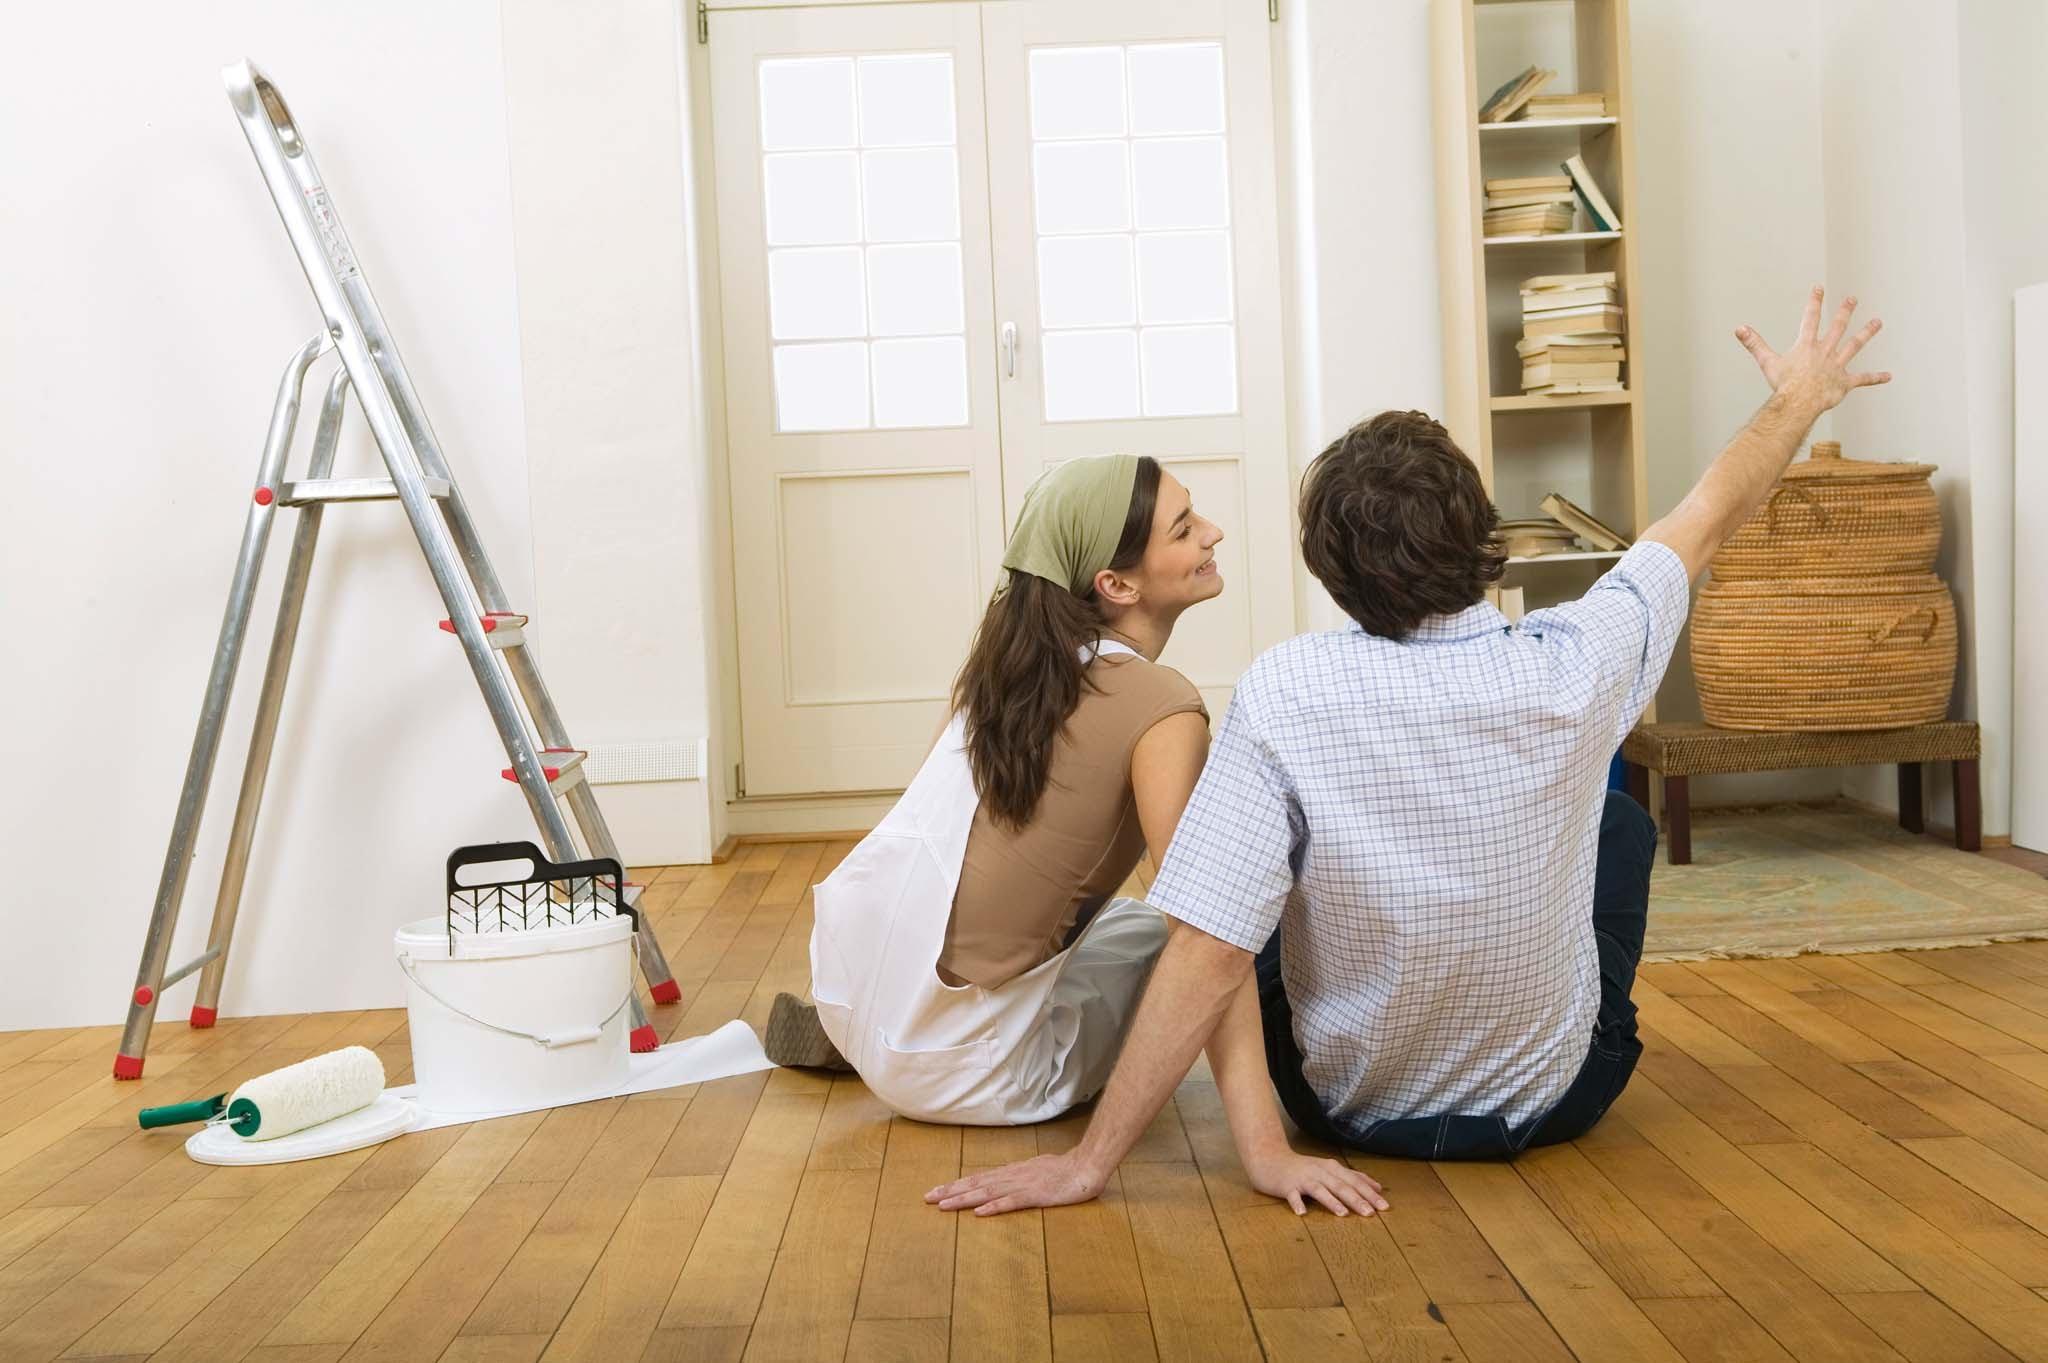 Мужчина с женщиной сидят на полу